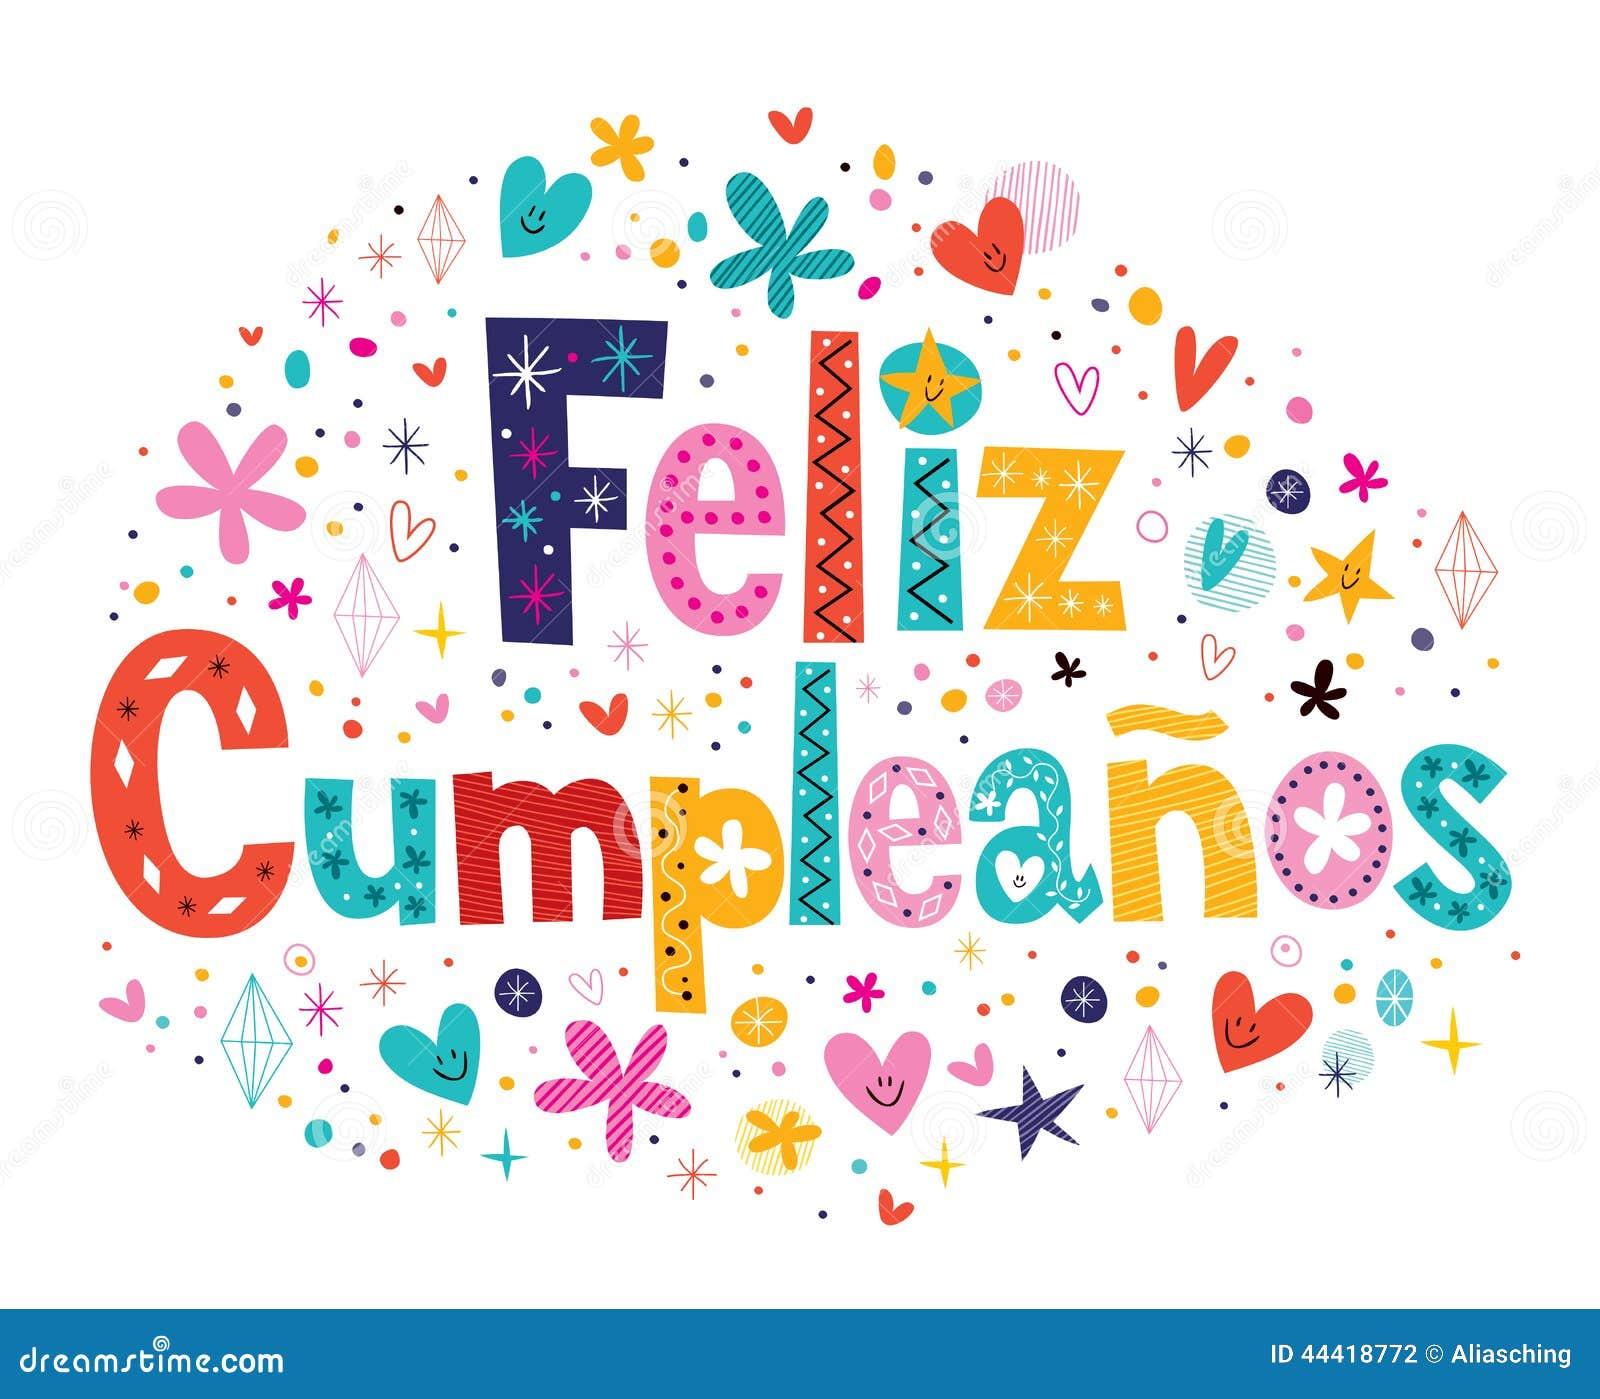 Поздравленья с днем рождения на мексиканском языке фото 480